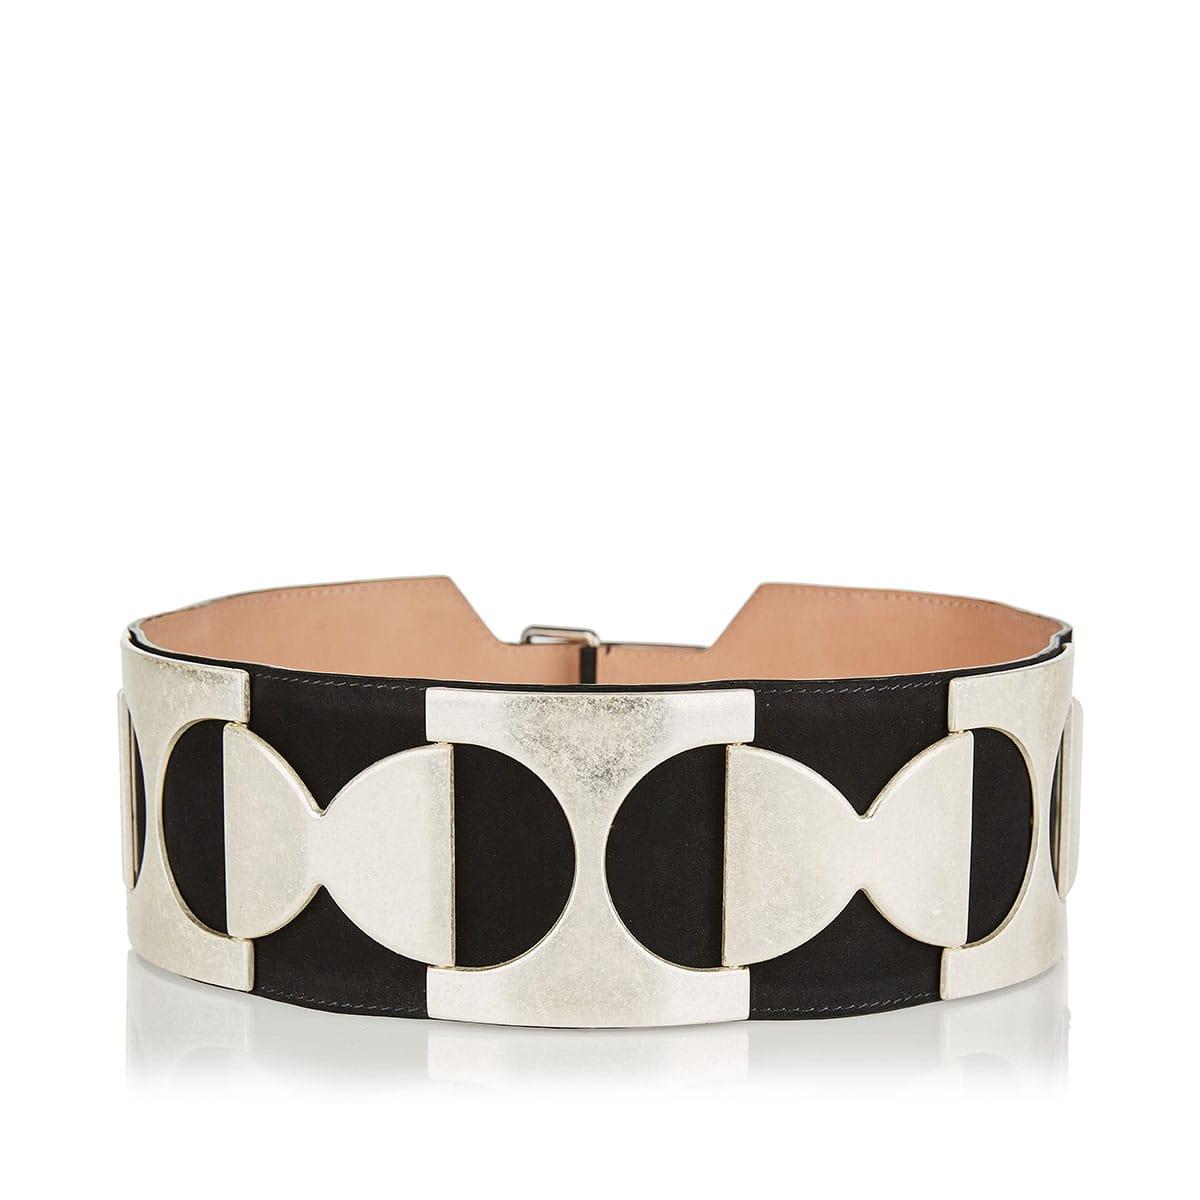 Brass-embellished wide suede belt